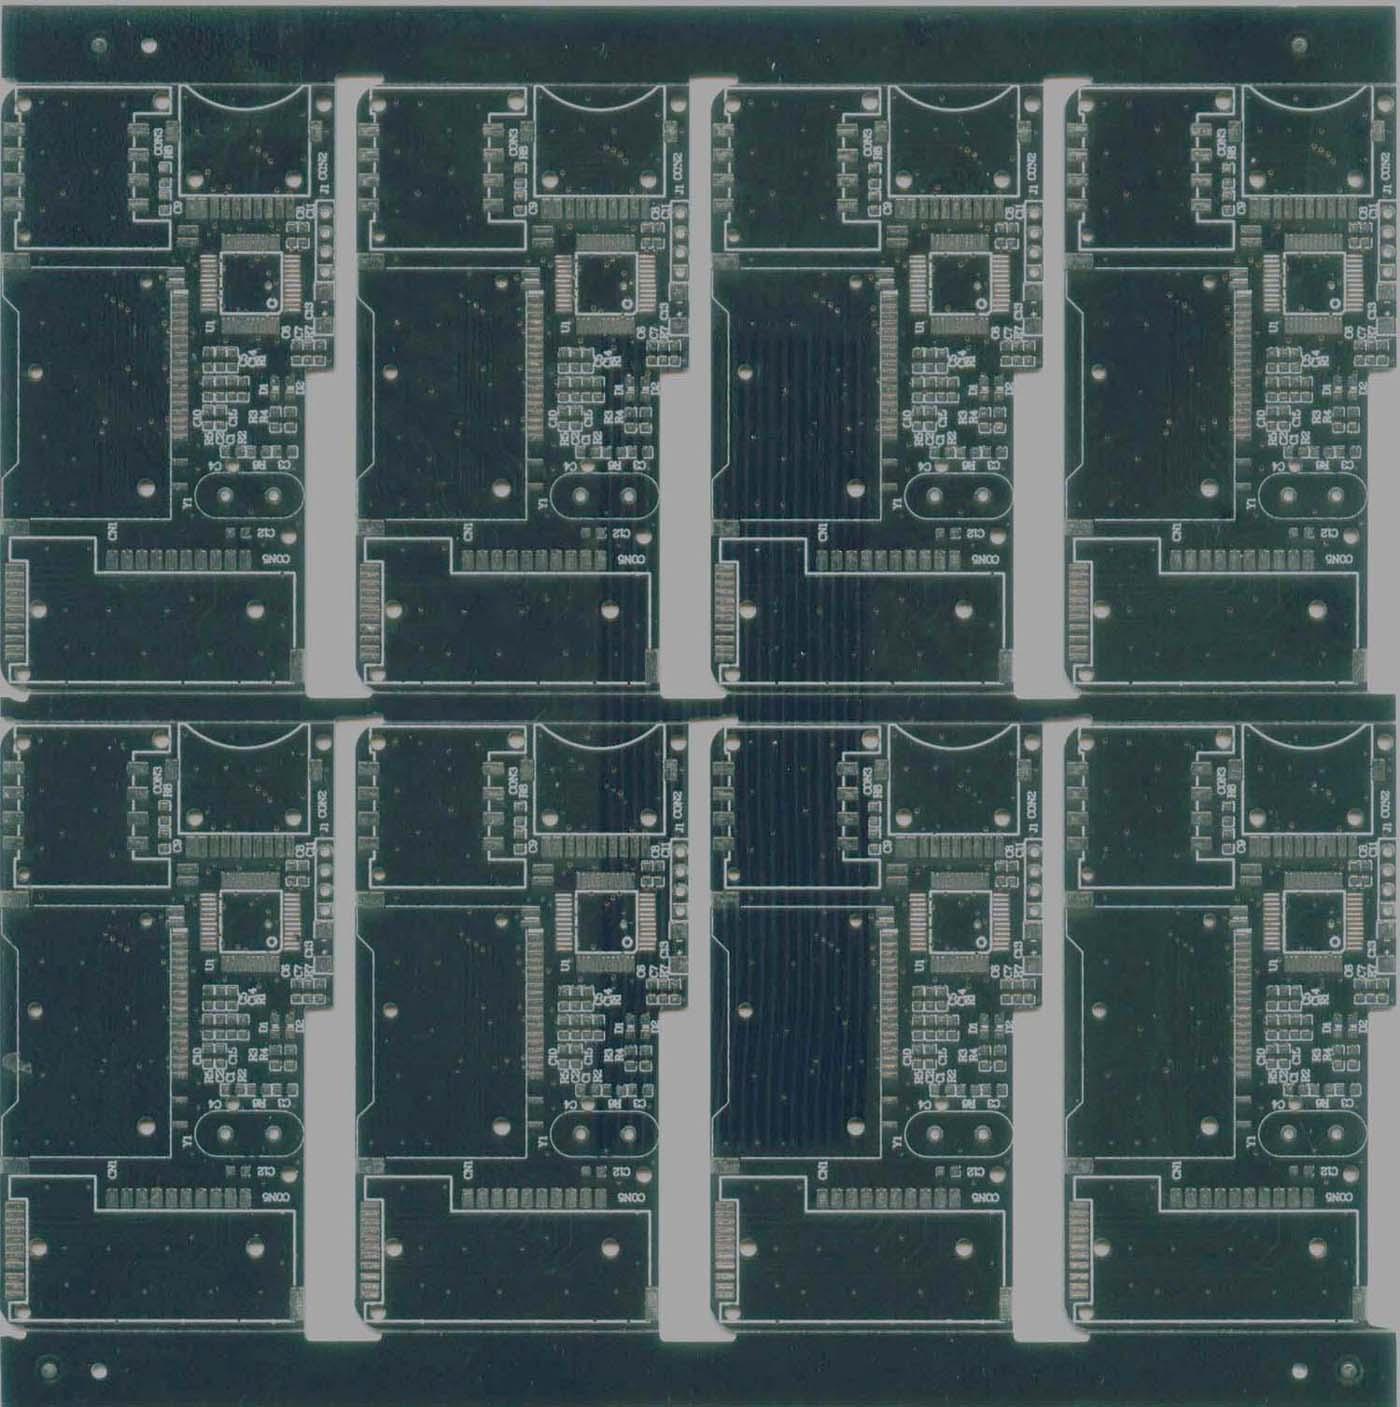 供应双面电路板,双面喷锡pcb